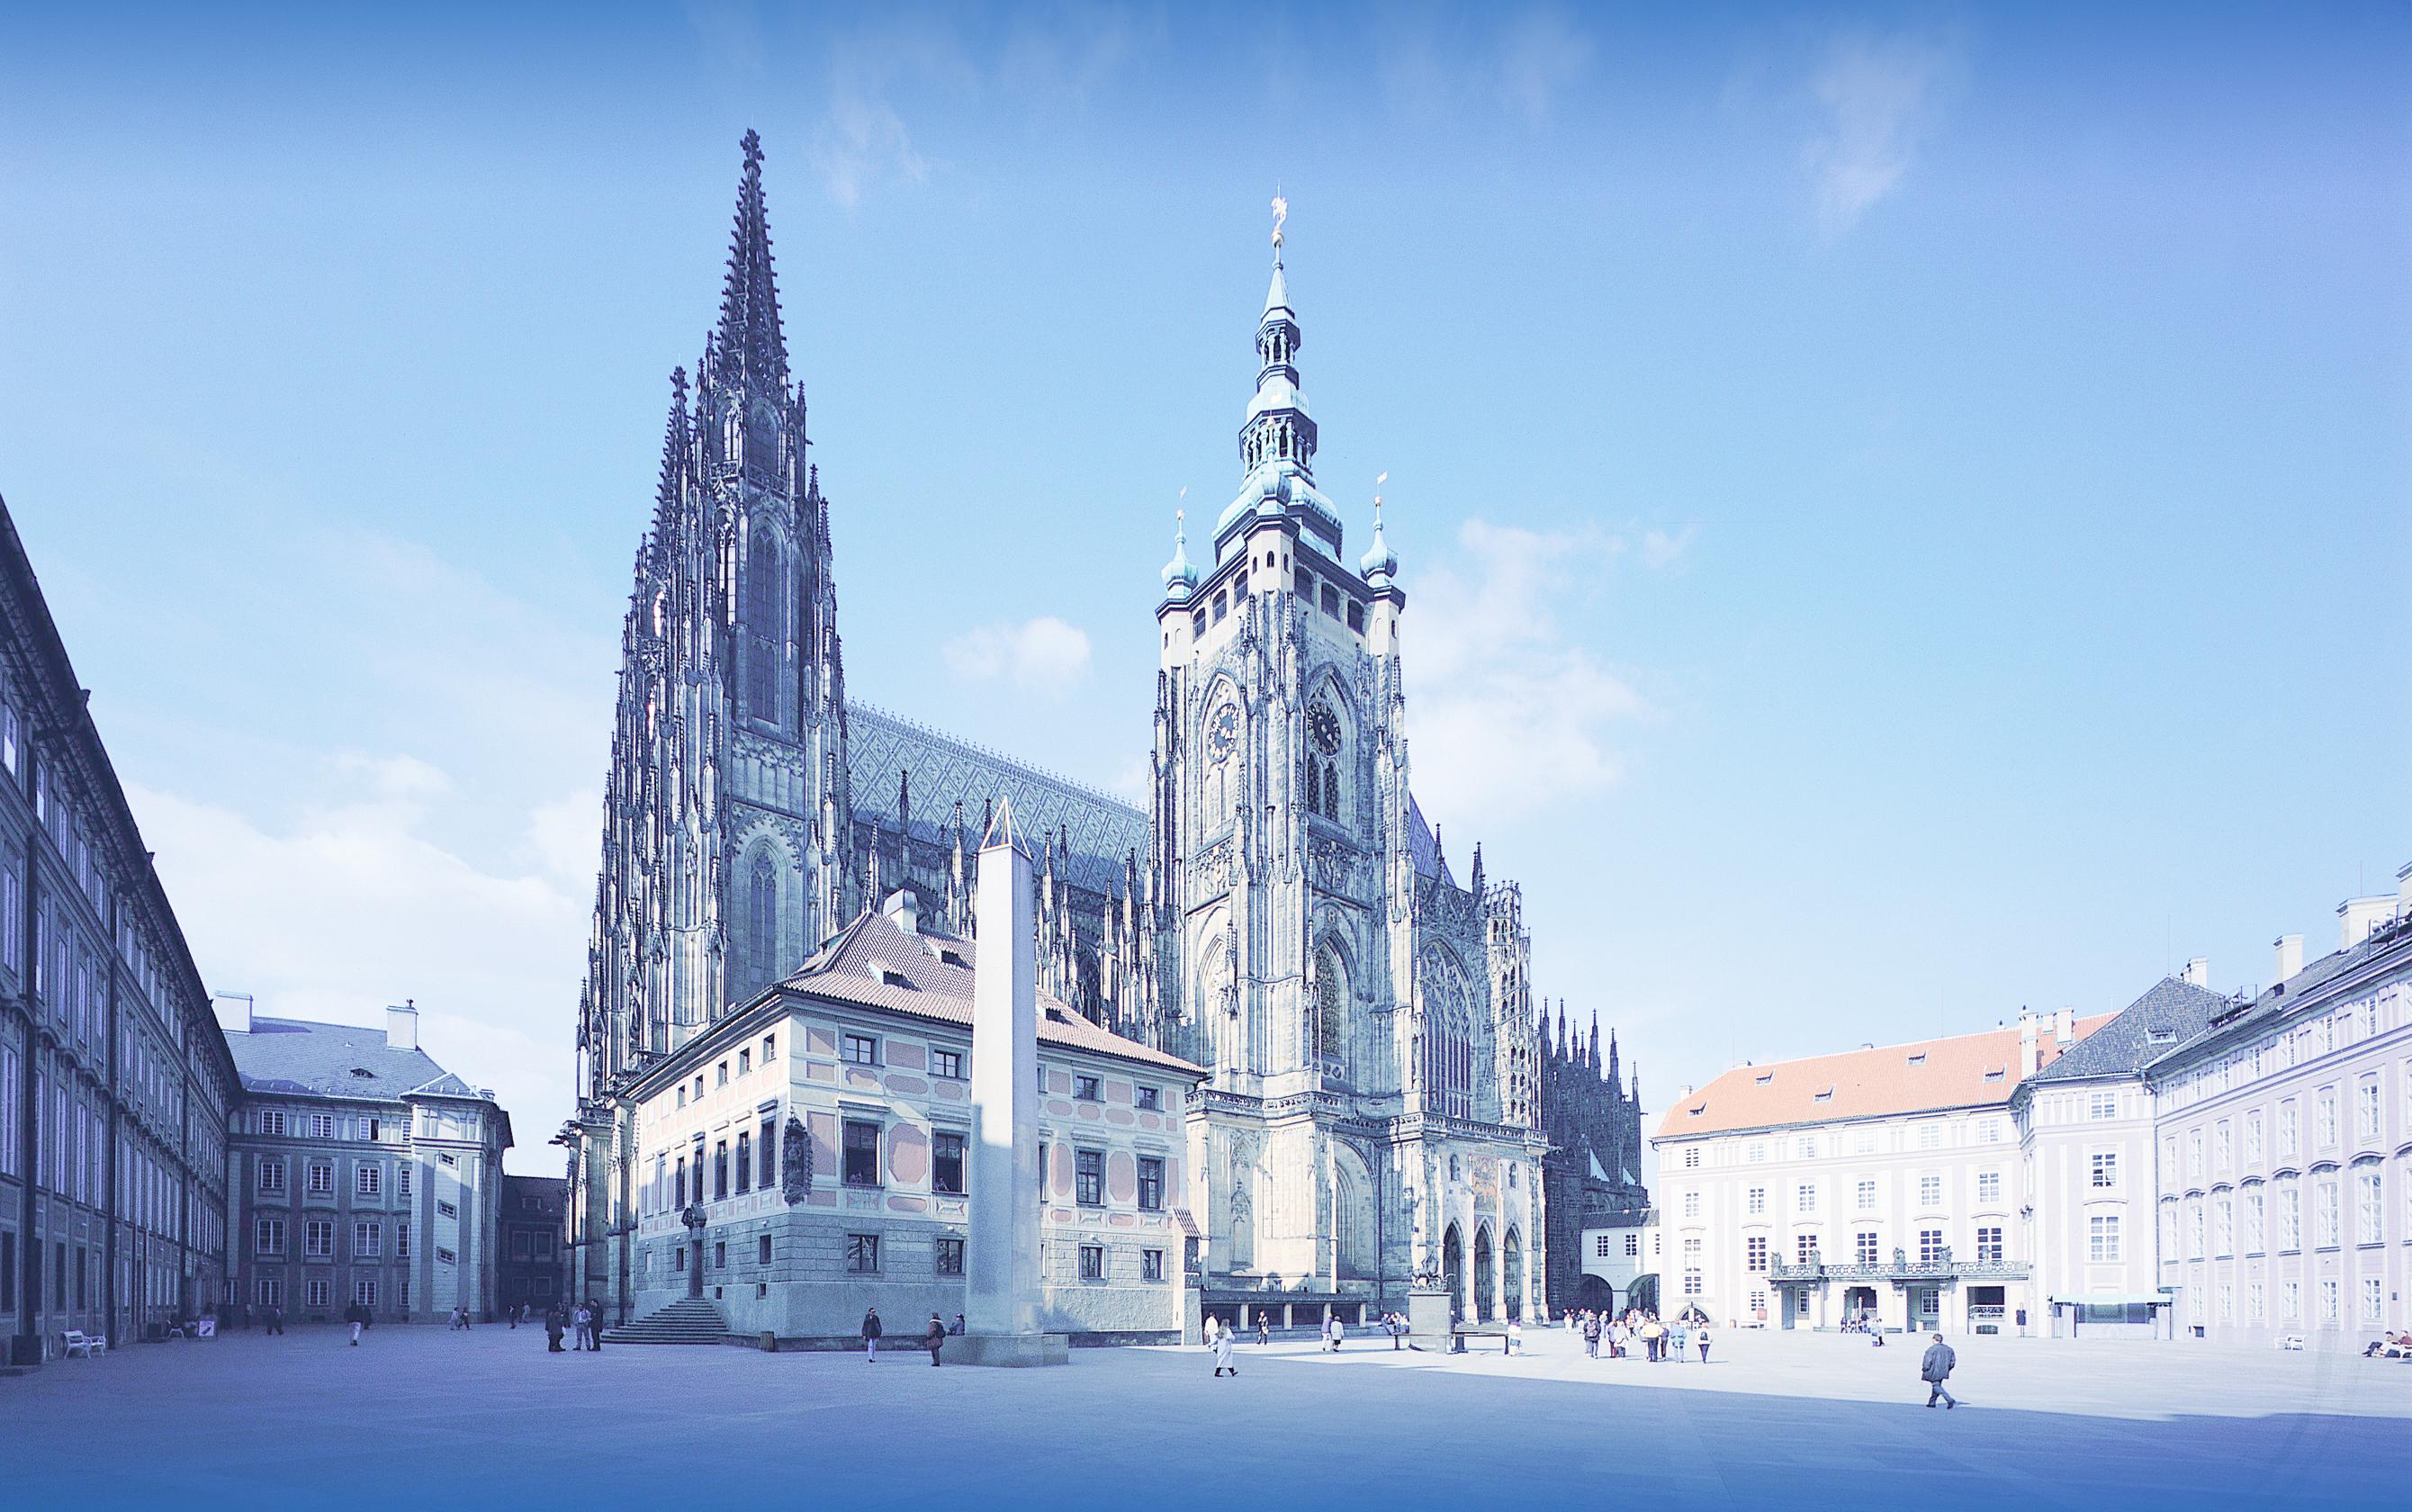 PRAGA-VIENA-BUDAPEST (8 DÍAS)